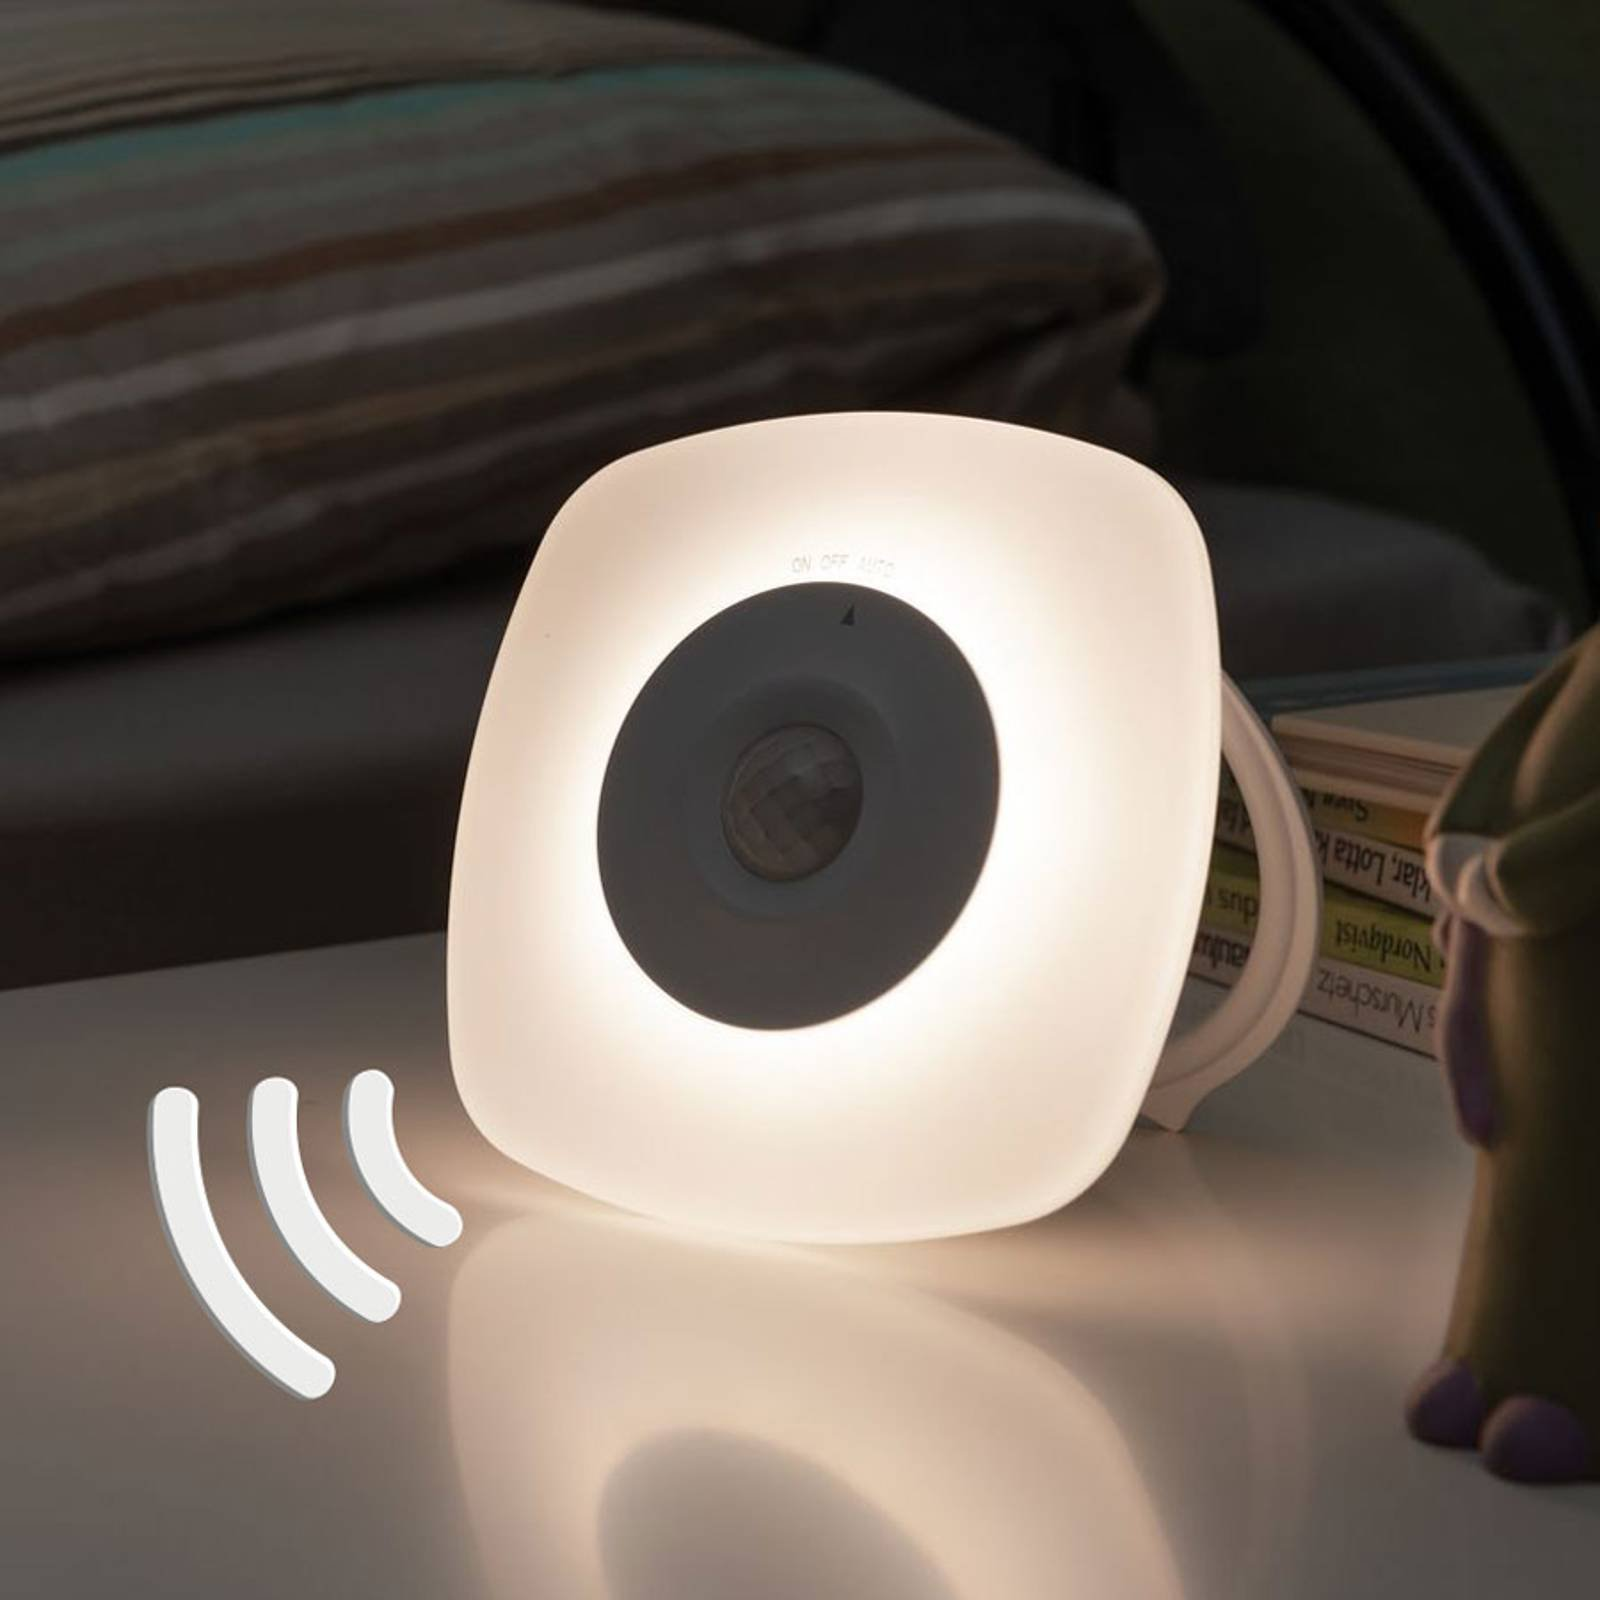 Paulmann Viby LED-nattlys, mobil, kantet